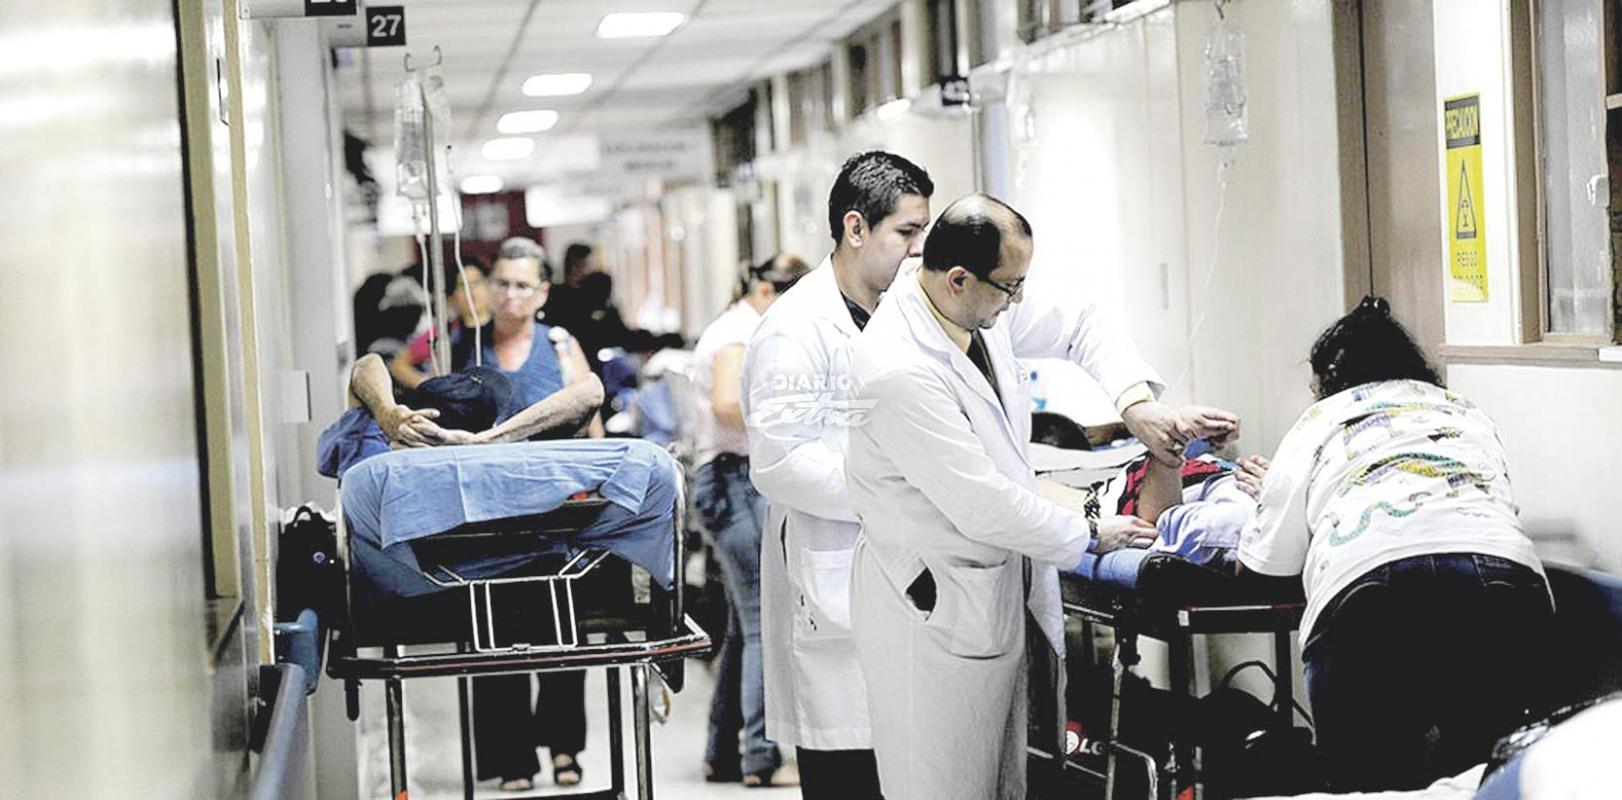 Diario extra paciente se ahorca en ba o del hospital - Banos del hospital ...